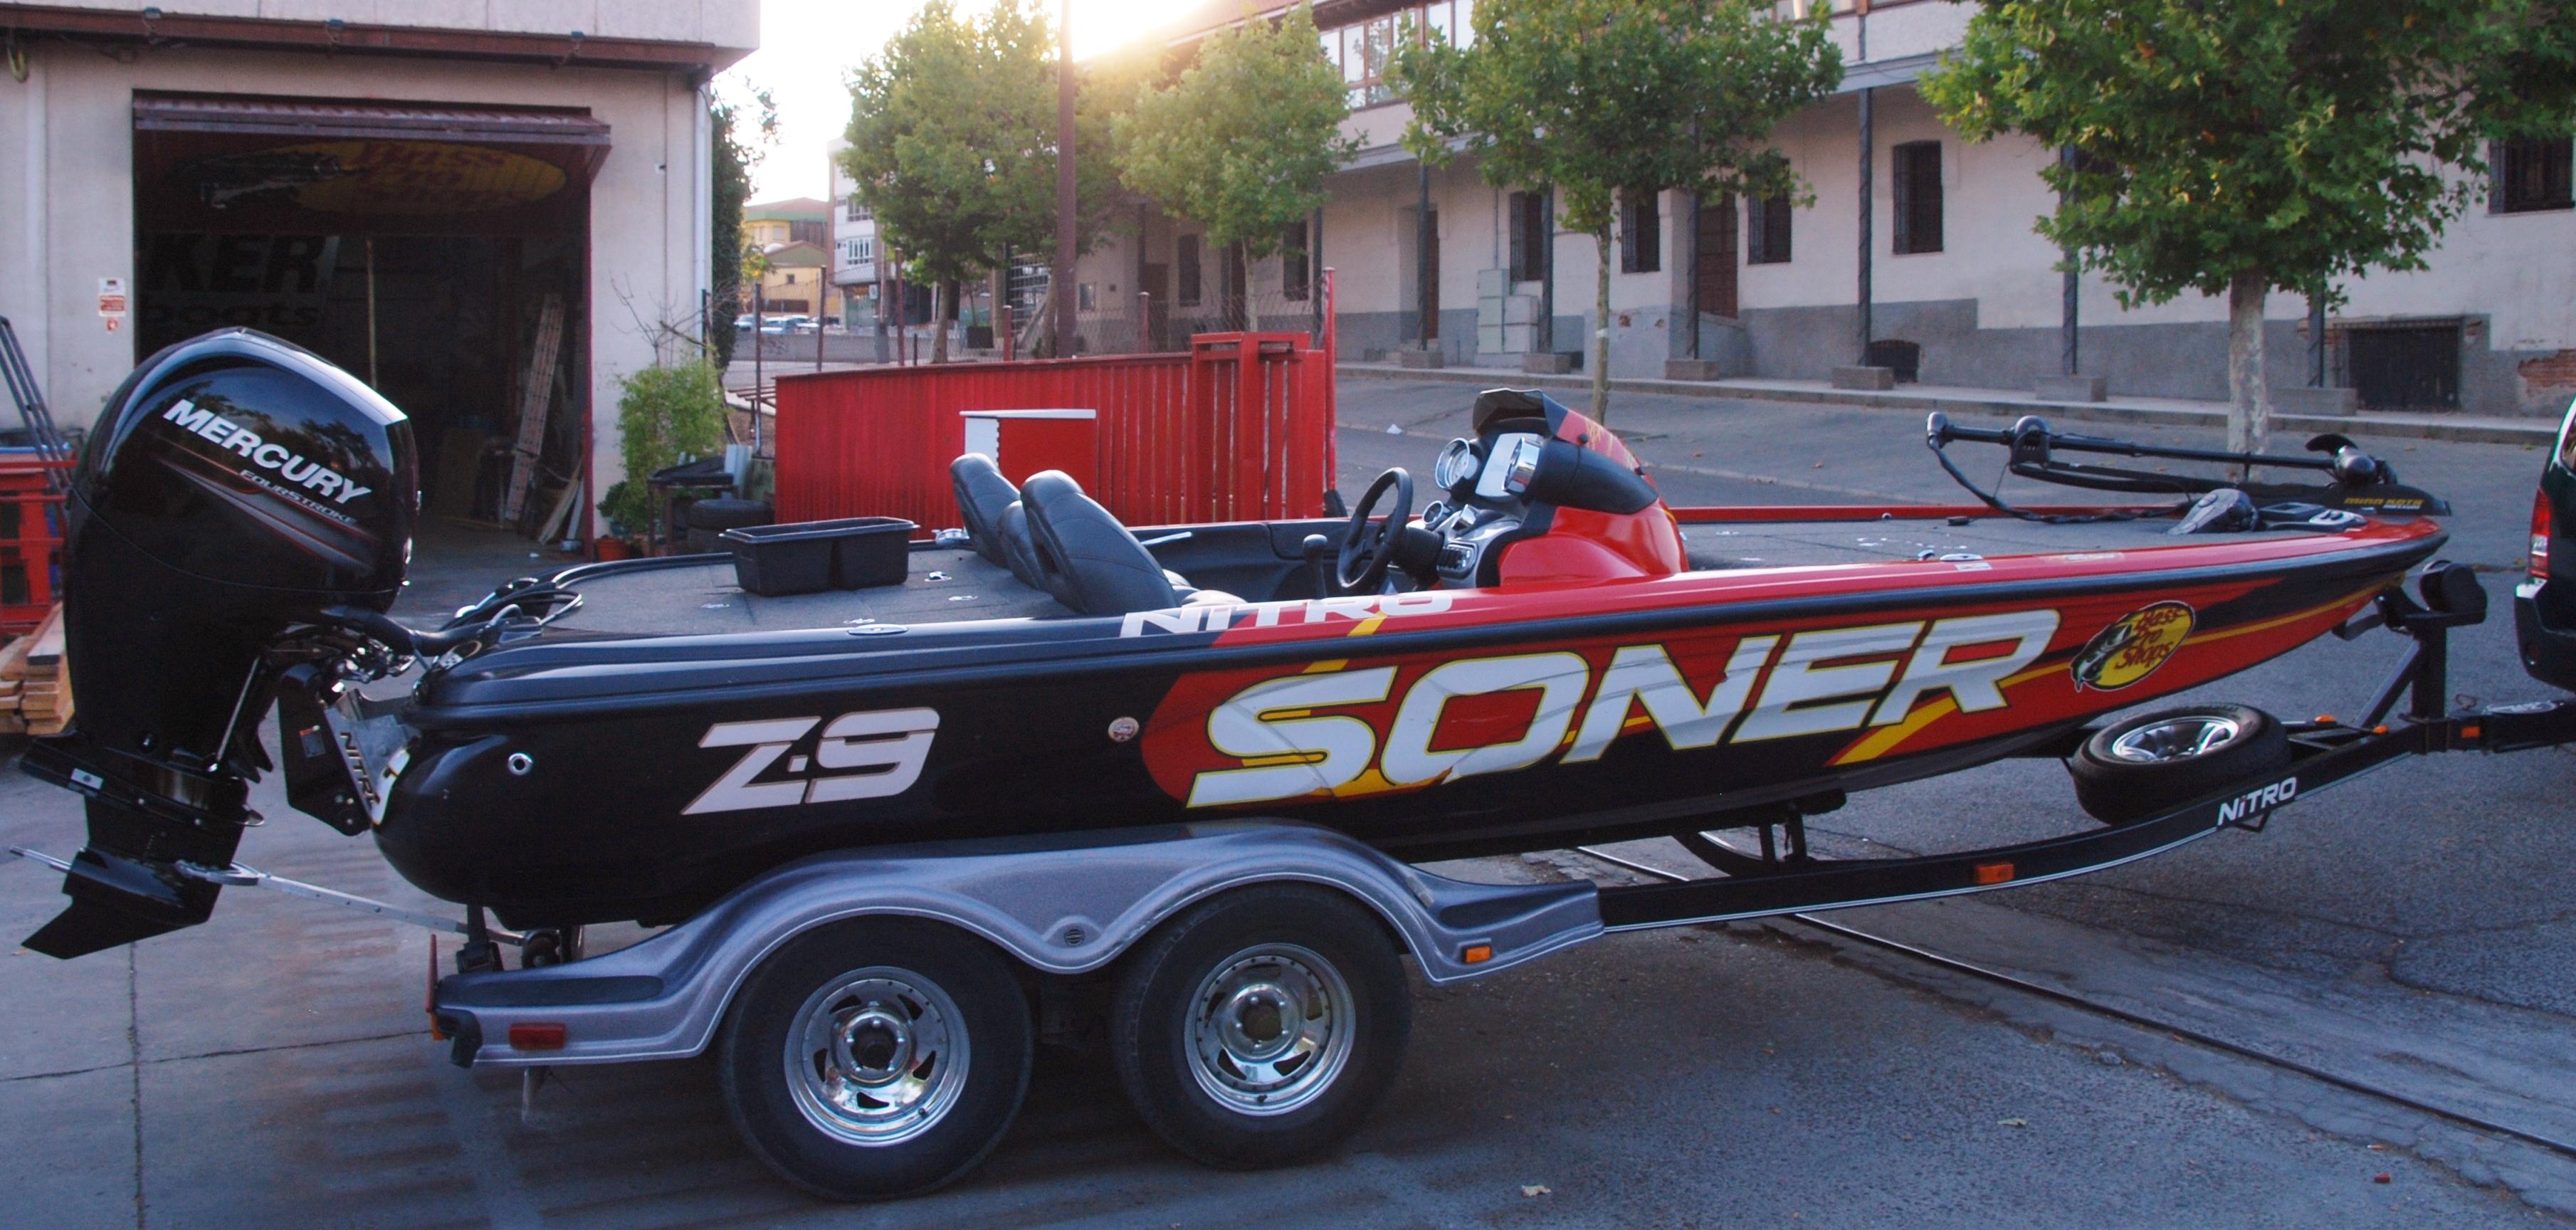 Soner z-9